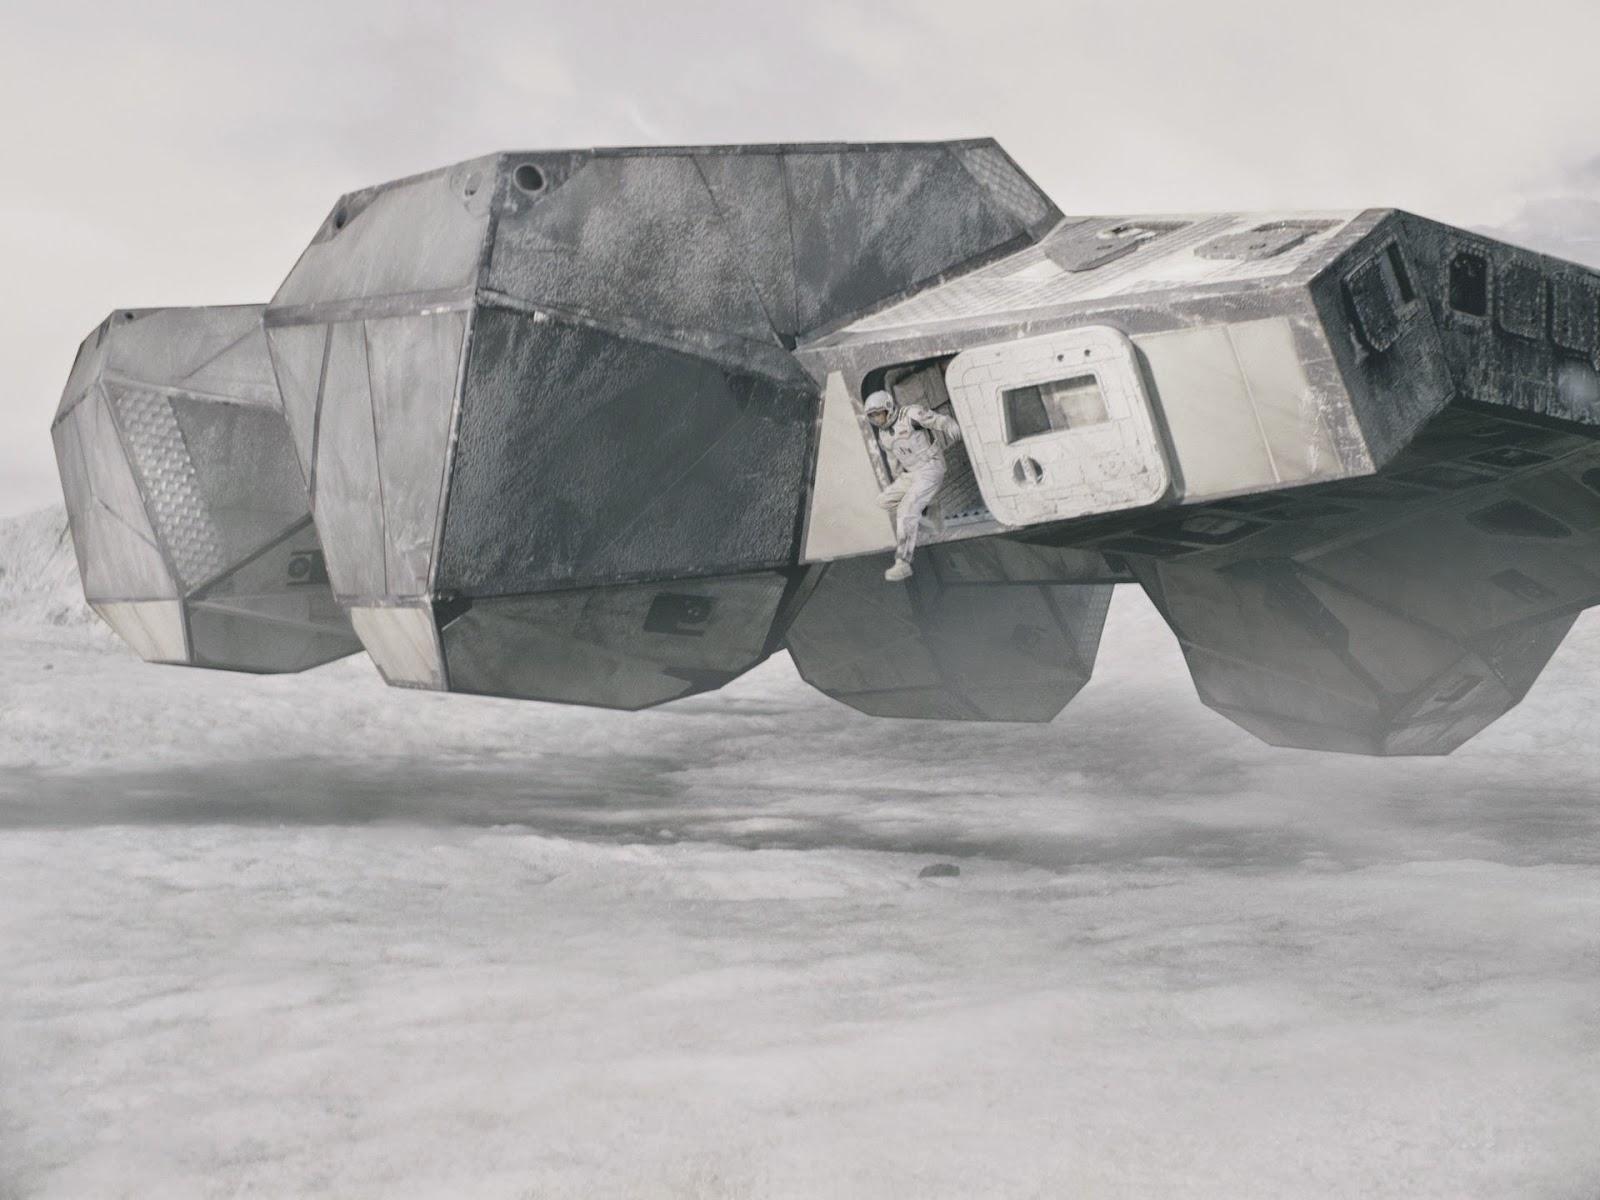 Interstellar Movie Spaceship Teaser Trailer